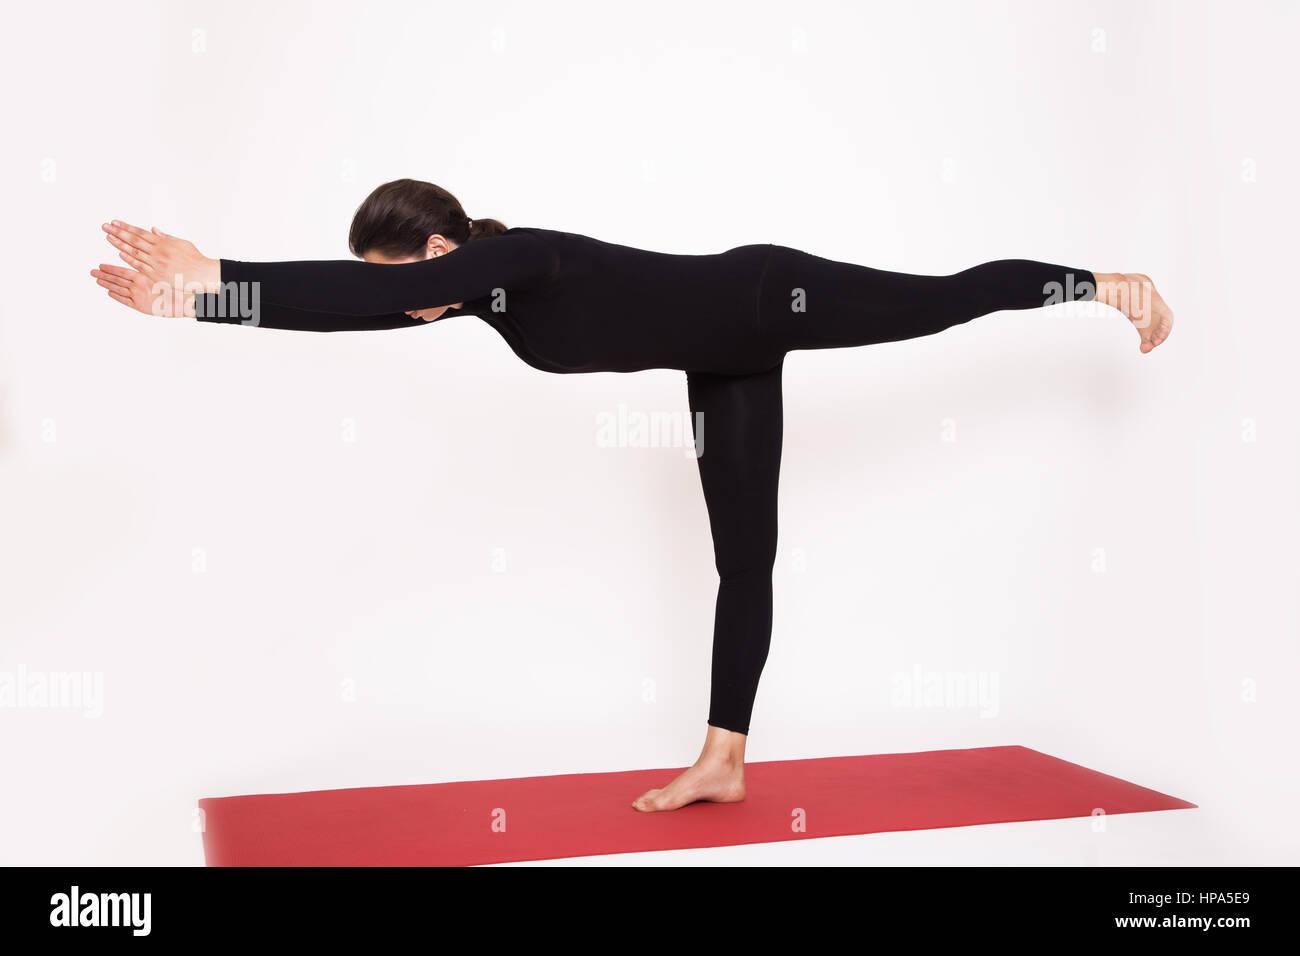 Beautiful athletic girl in a black suit doing yoga. Virabkhadrasana asana - warrior pose . Isolated on white background. - Stock Image